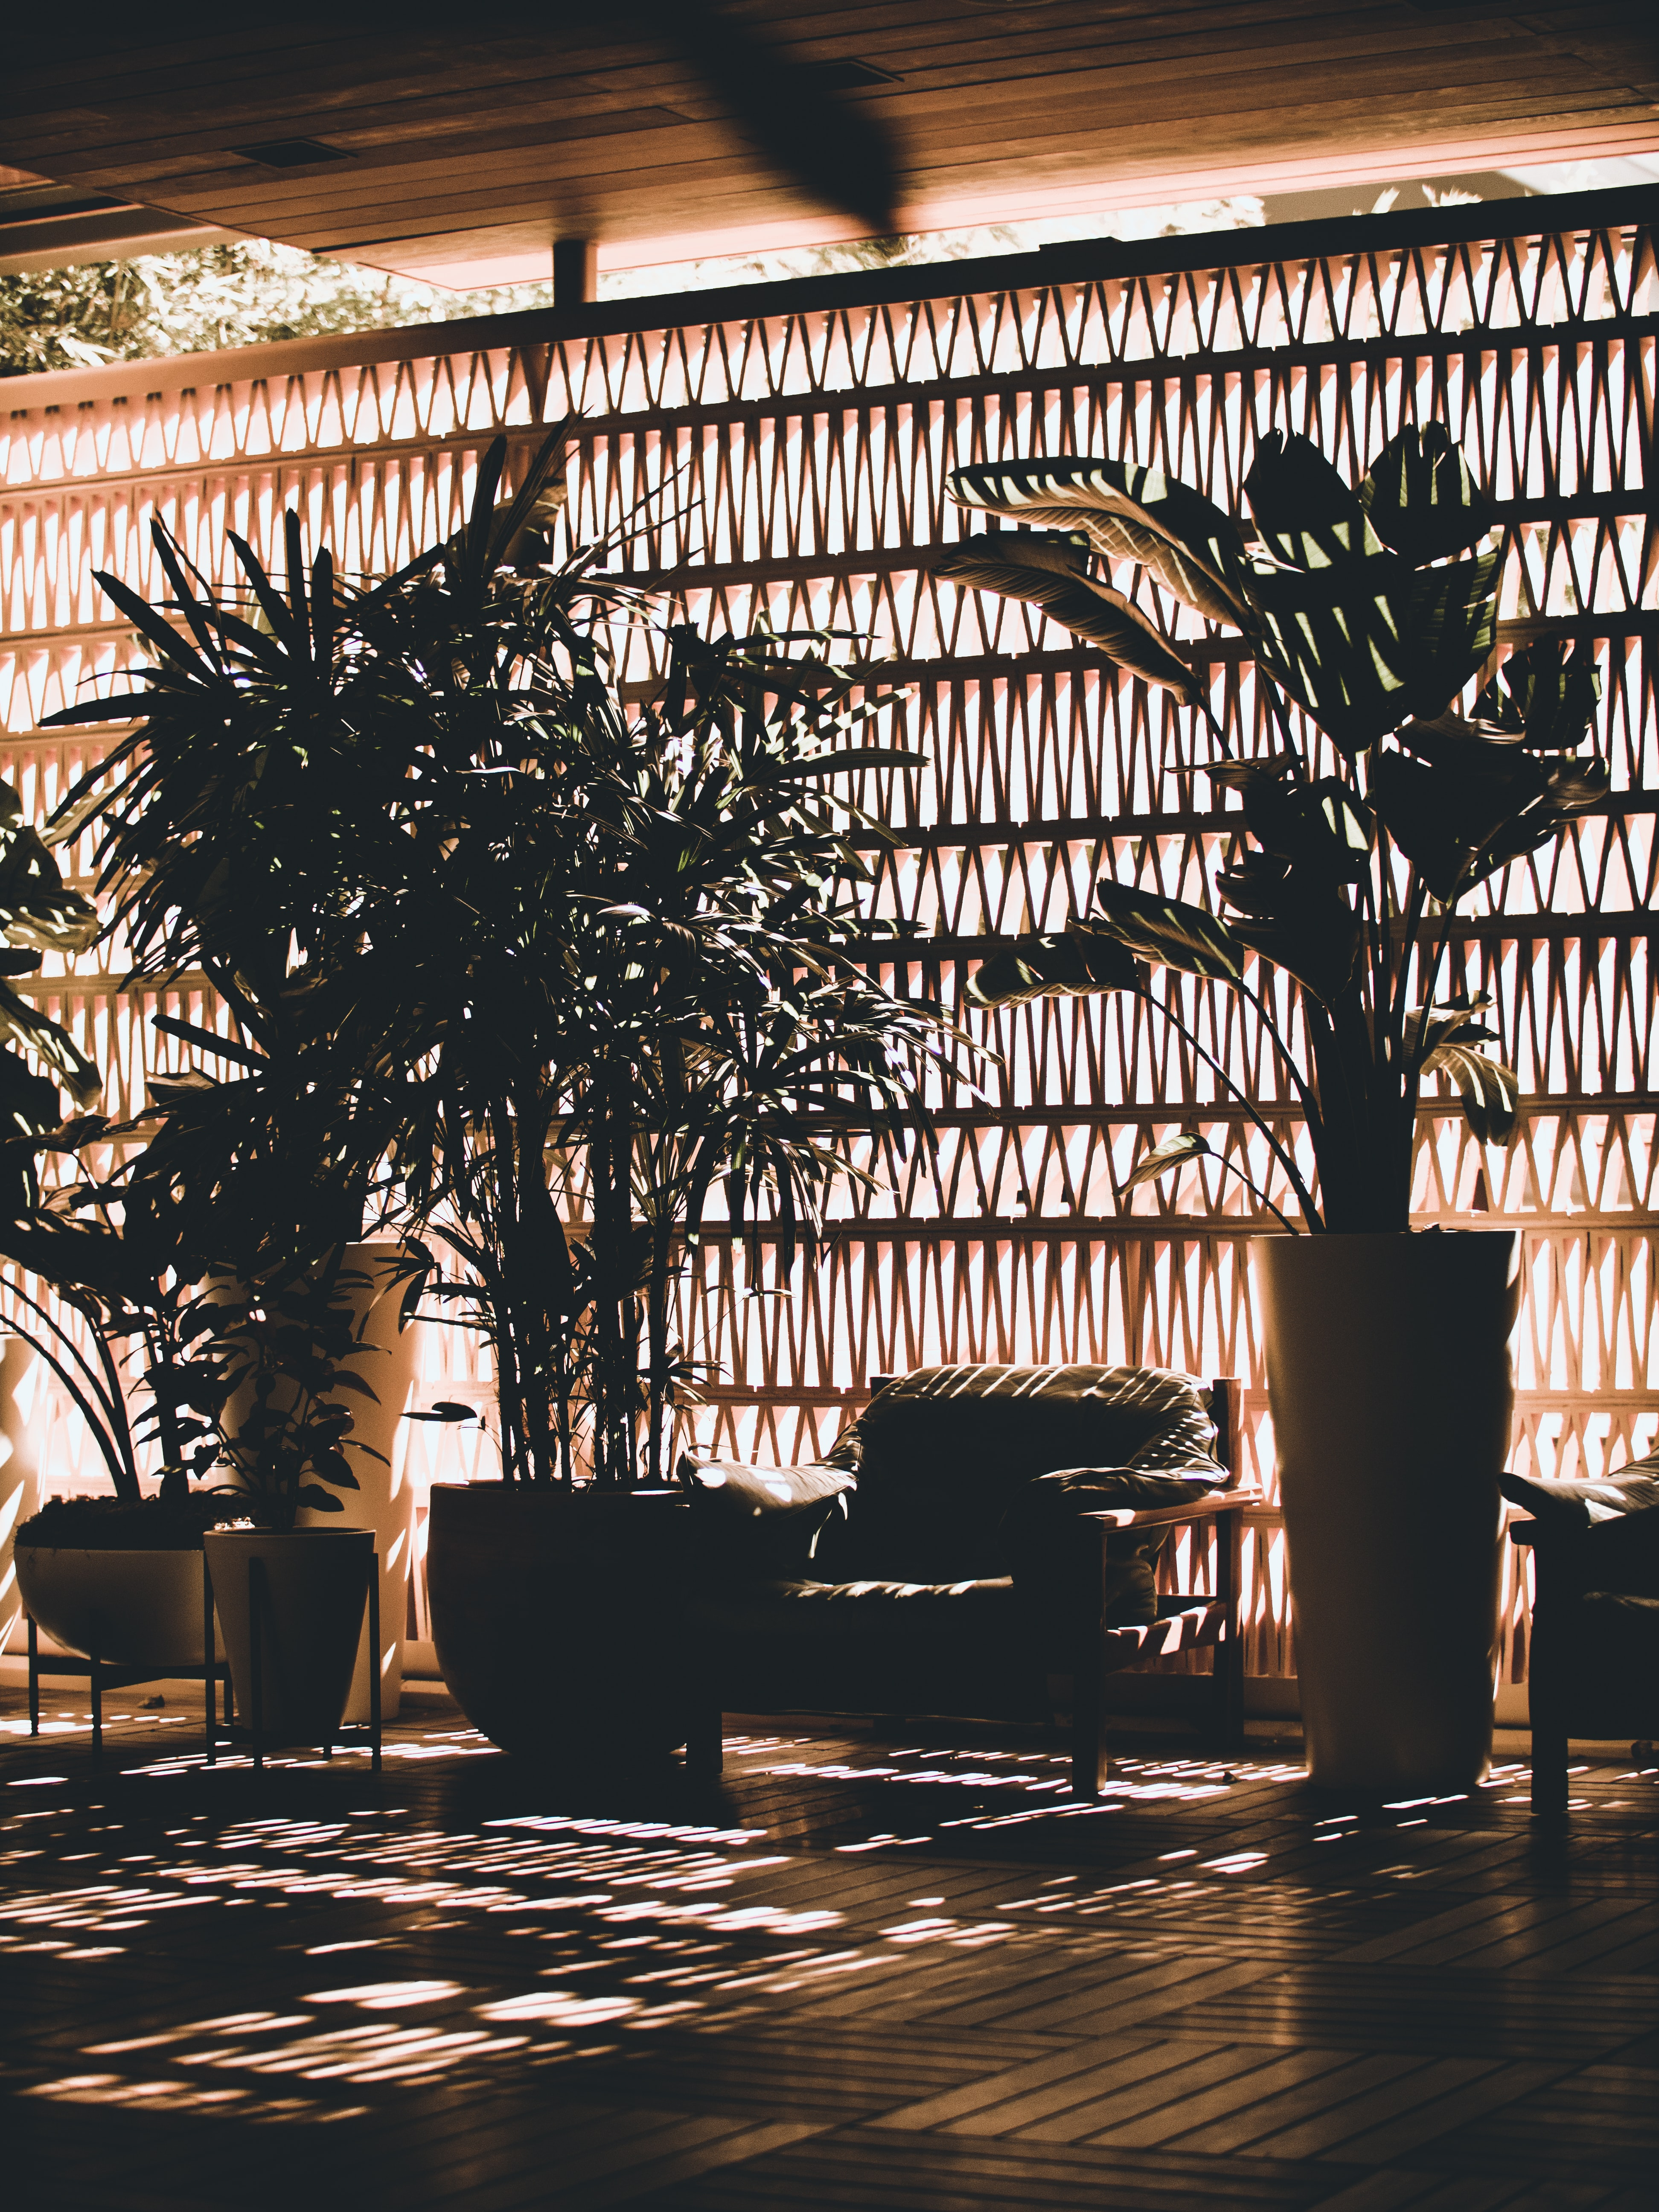 photo of sofa between vases